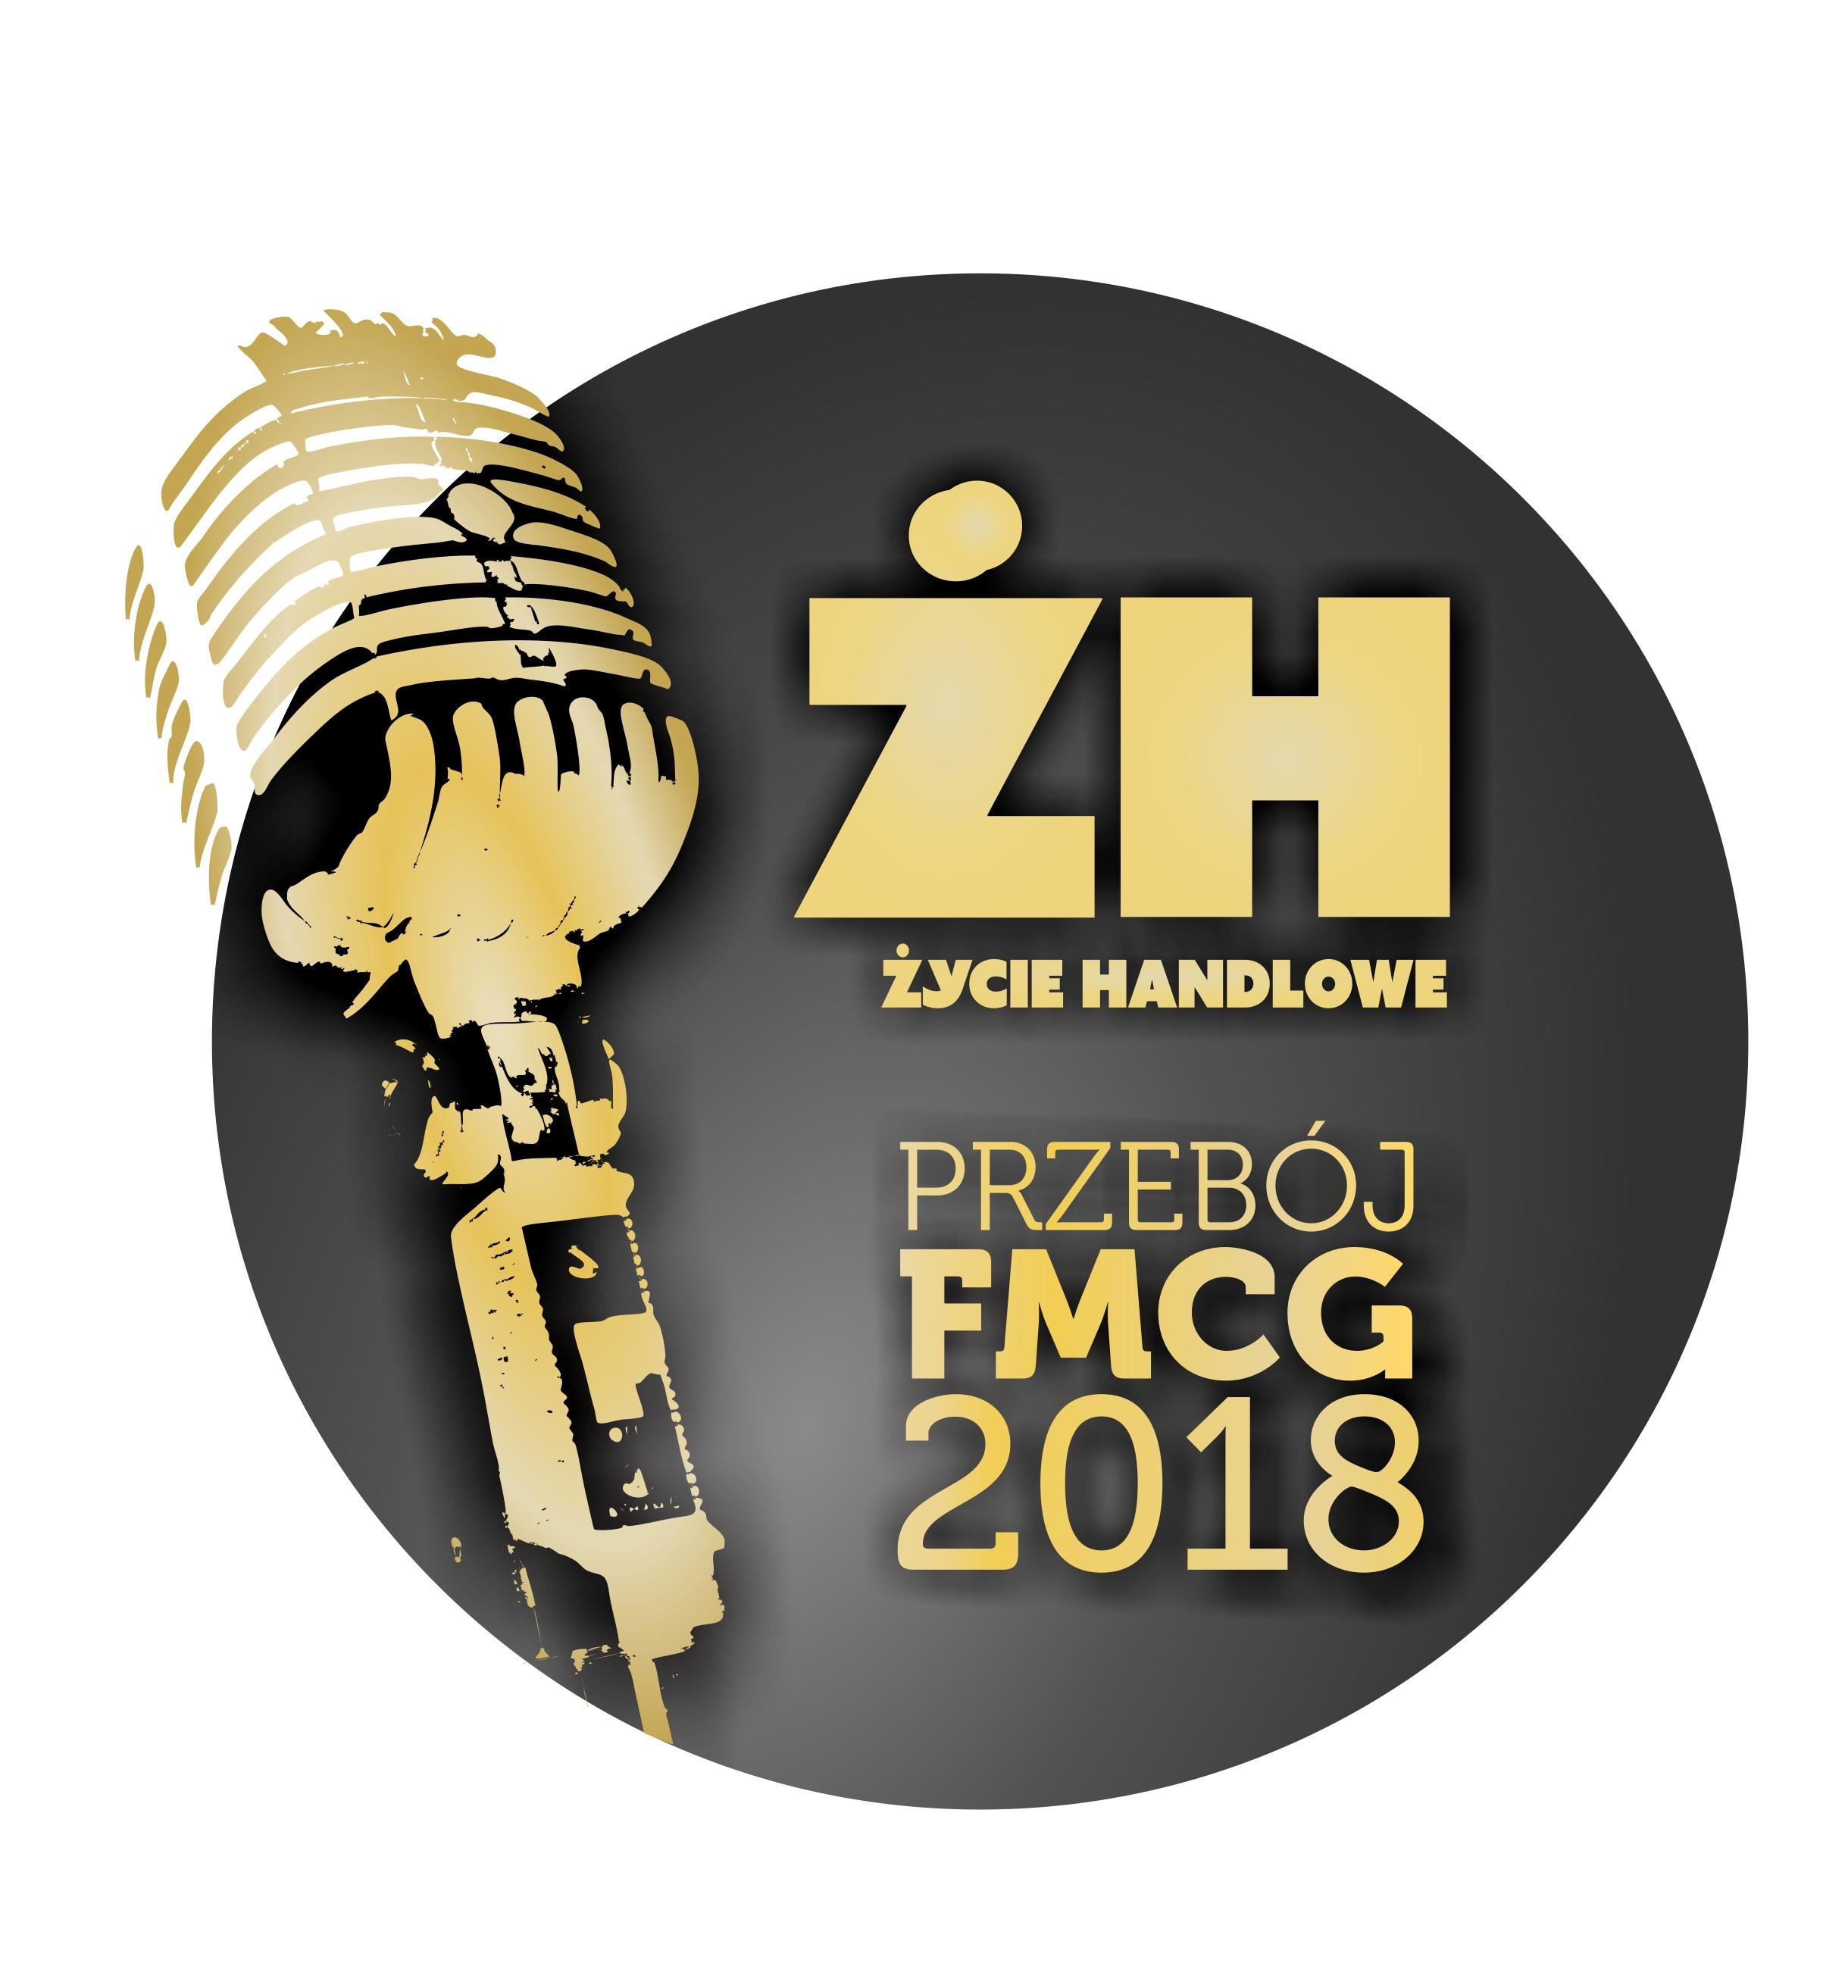 Przebój FMCG 2018 majonez stołowy 280 g